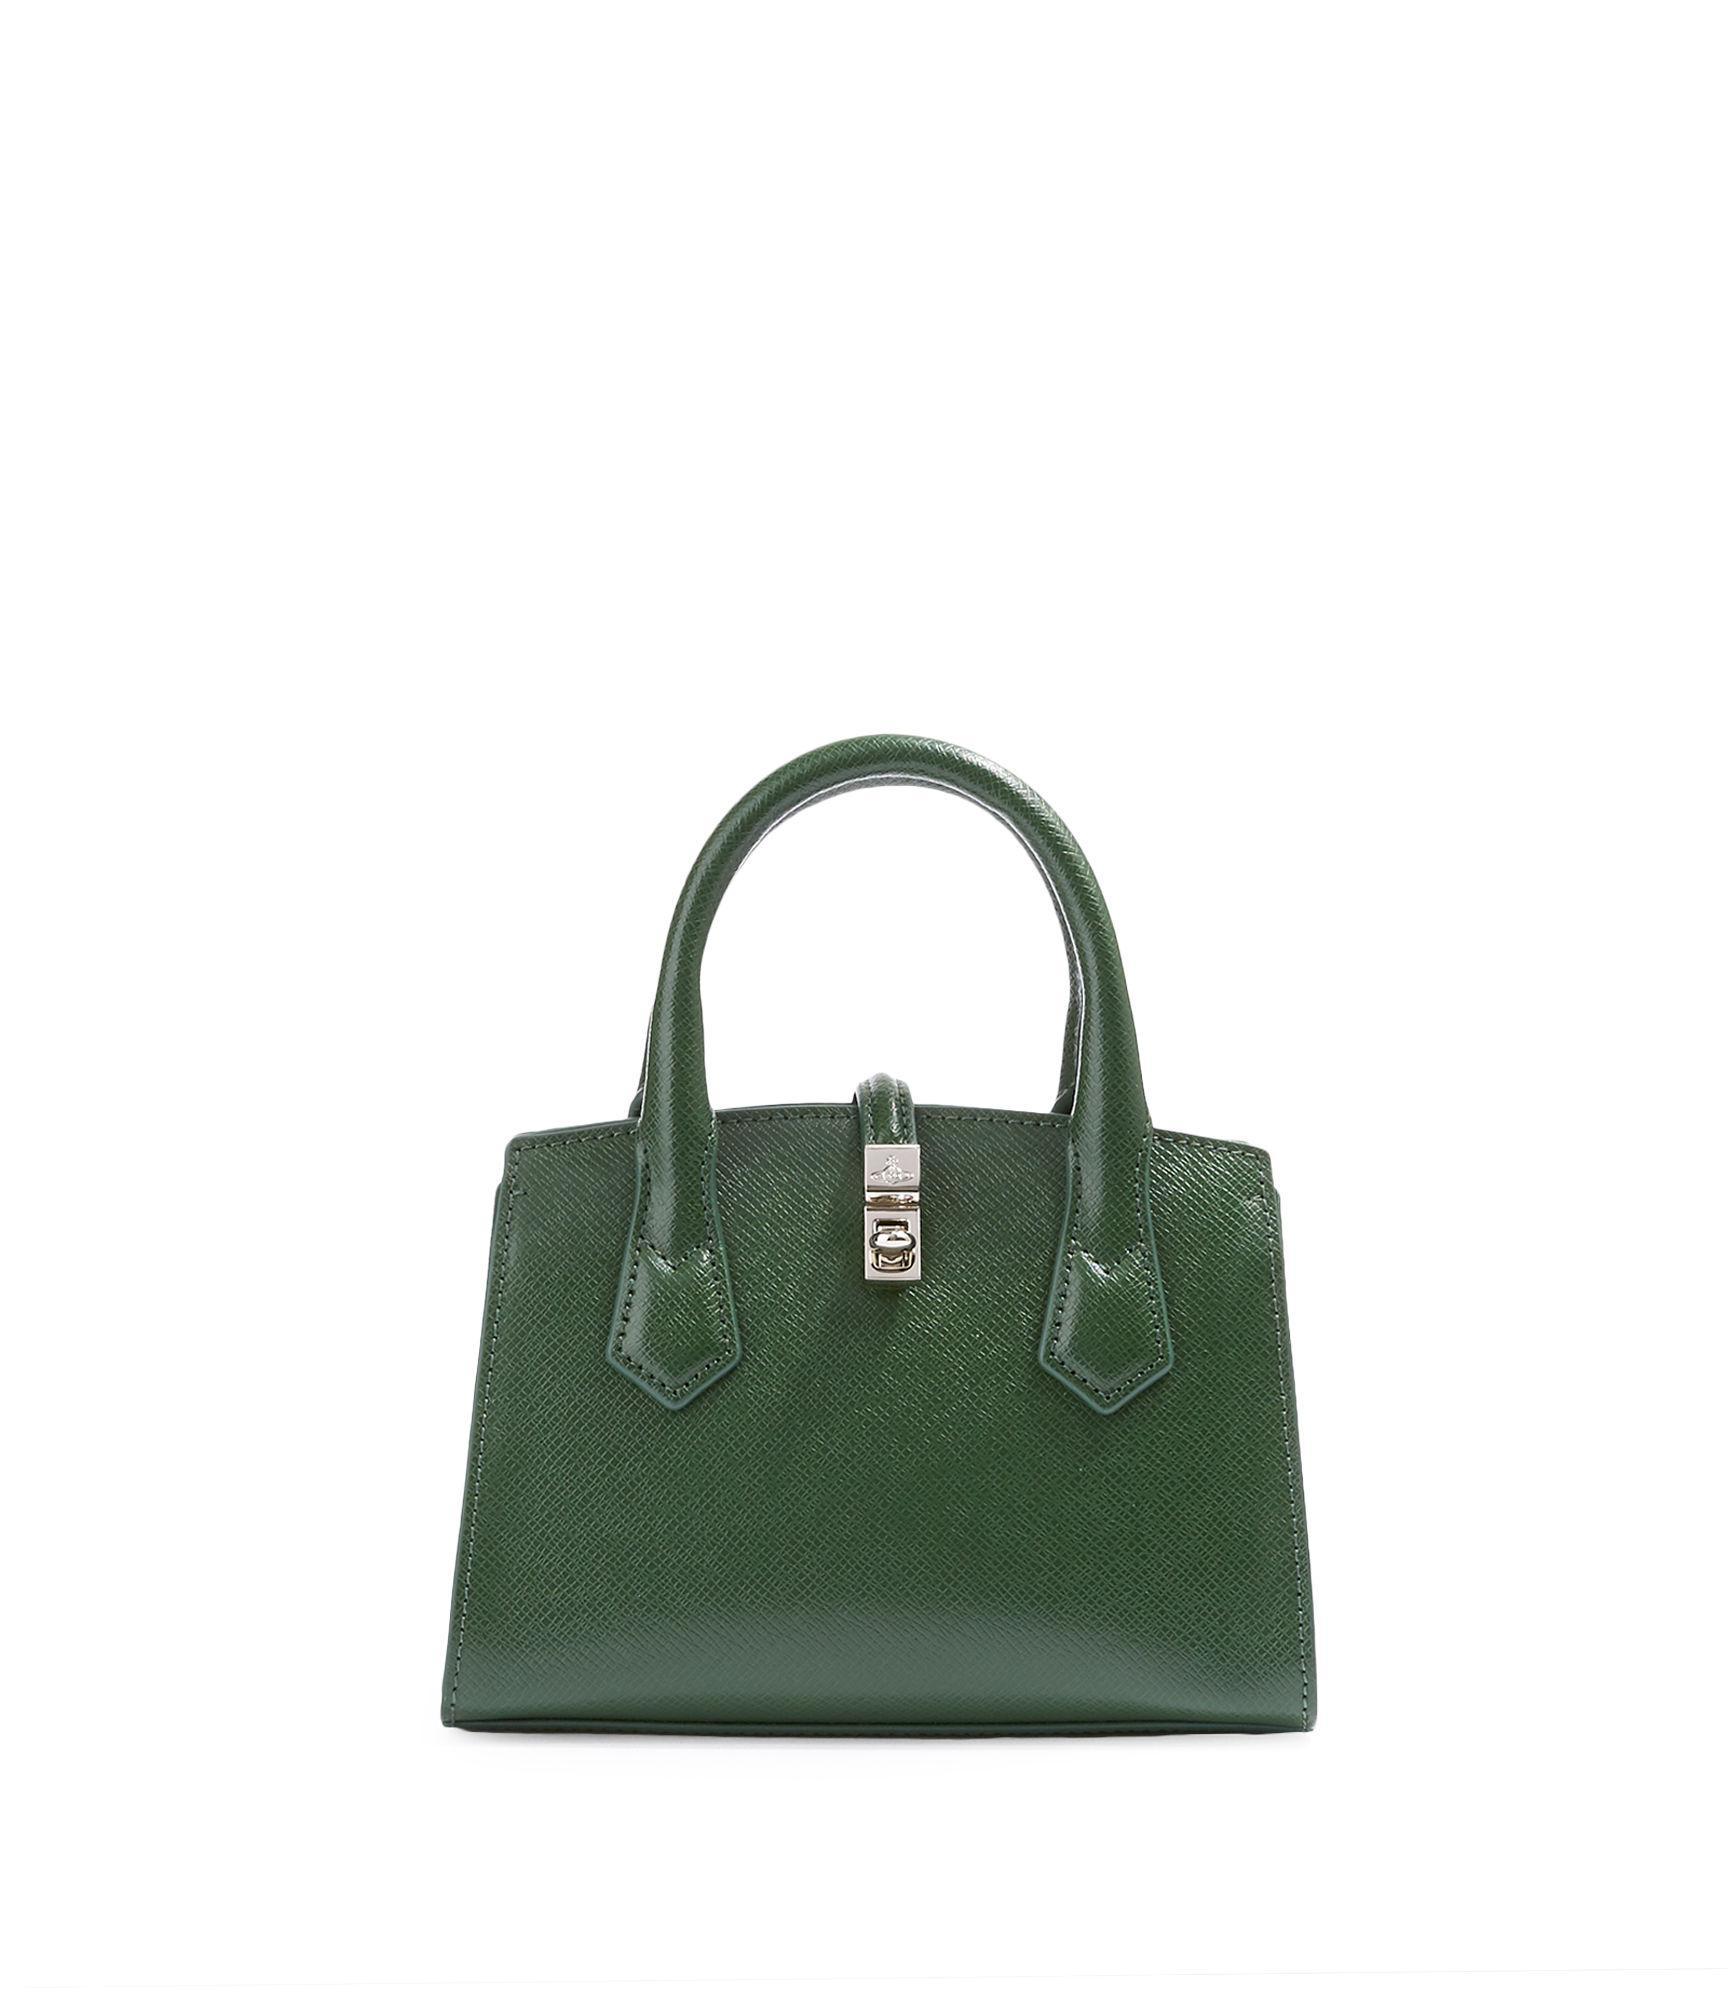 20f3ecaf99 Vivienne Westwood Sofia Small Handbag Green